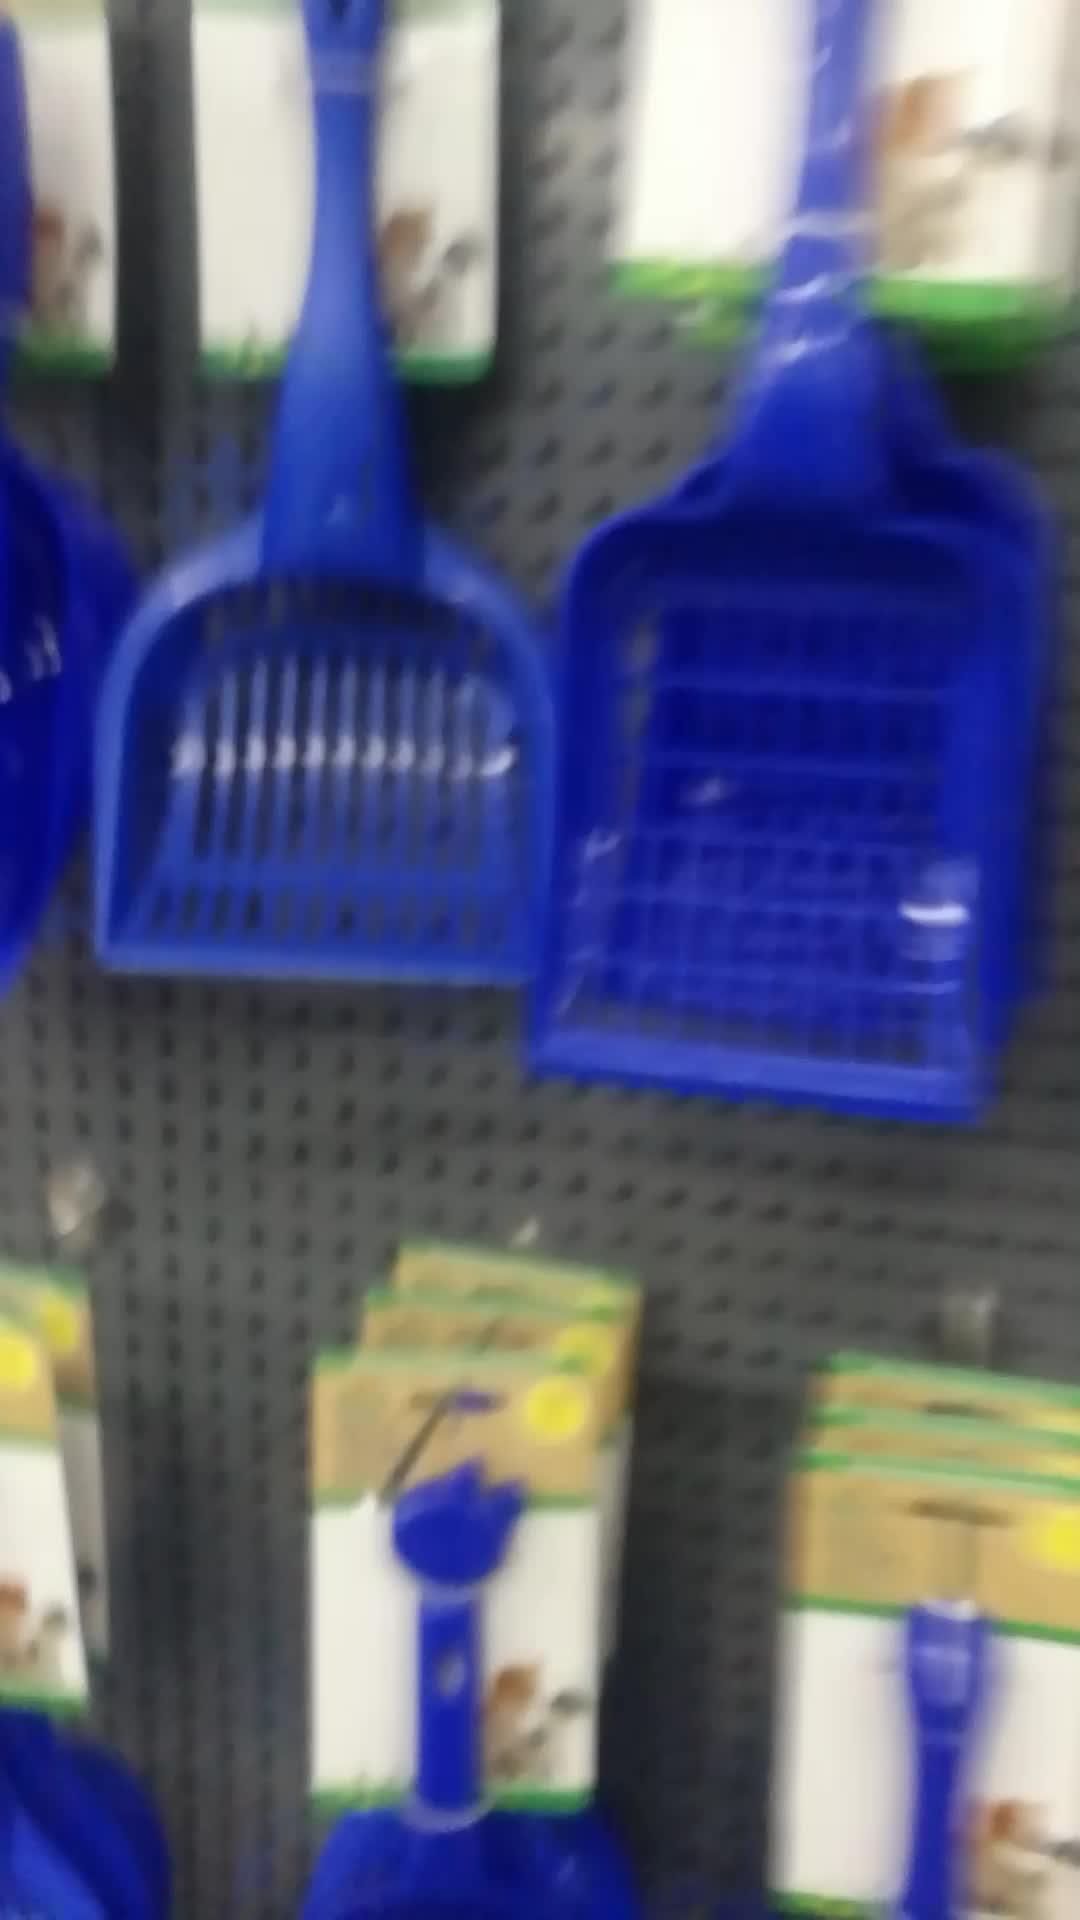 metal cat litter scoop Wholesale Durable Plastic Cat Litter Scoop scoop free cat litter box